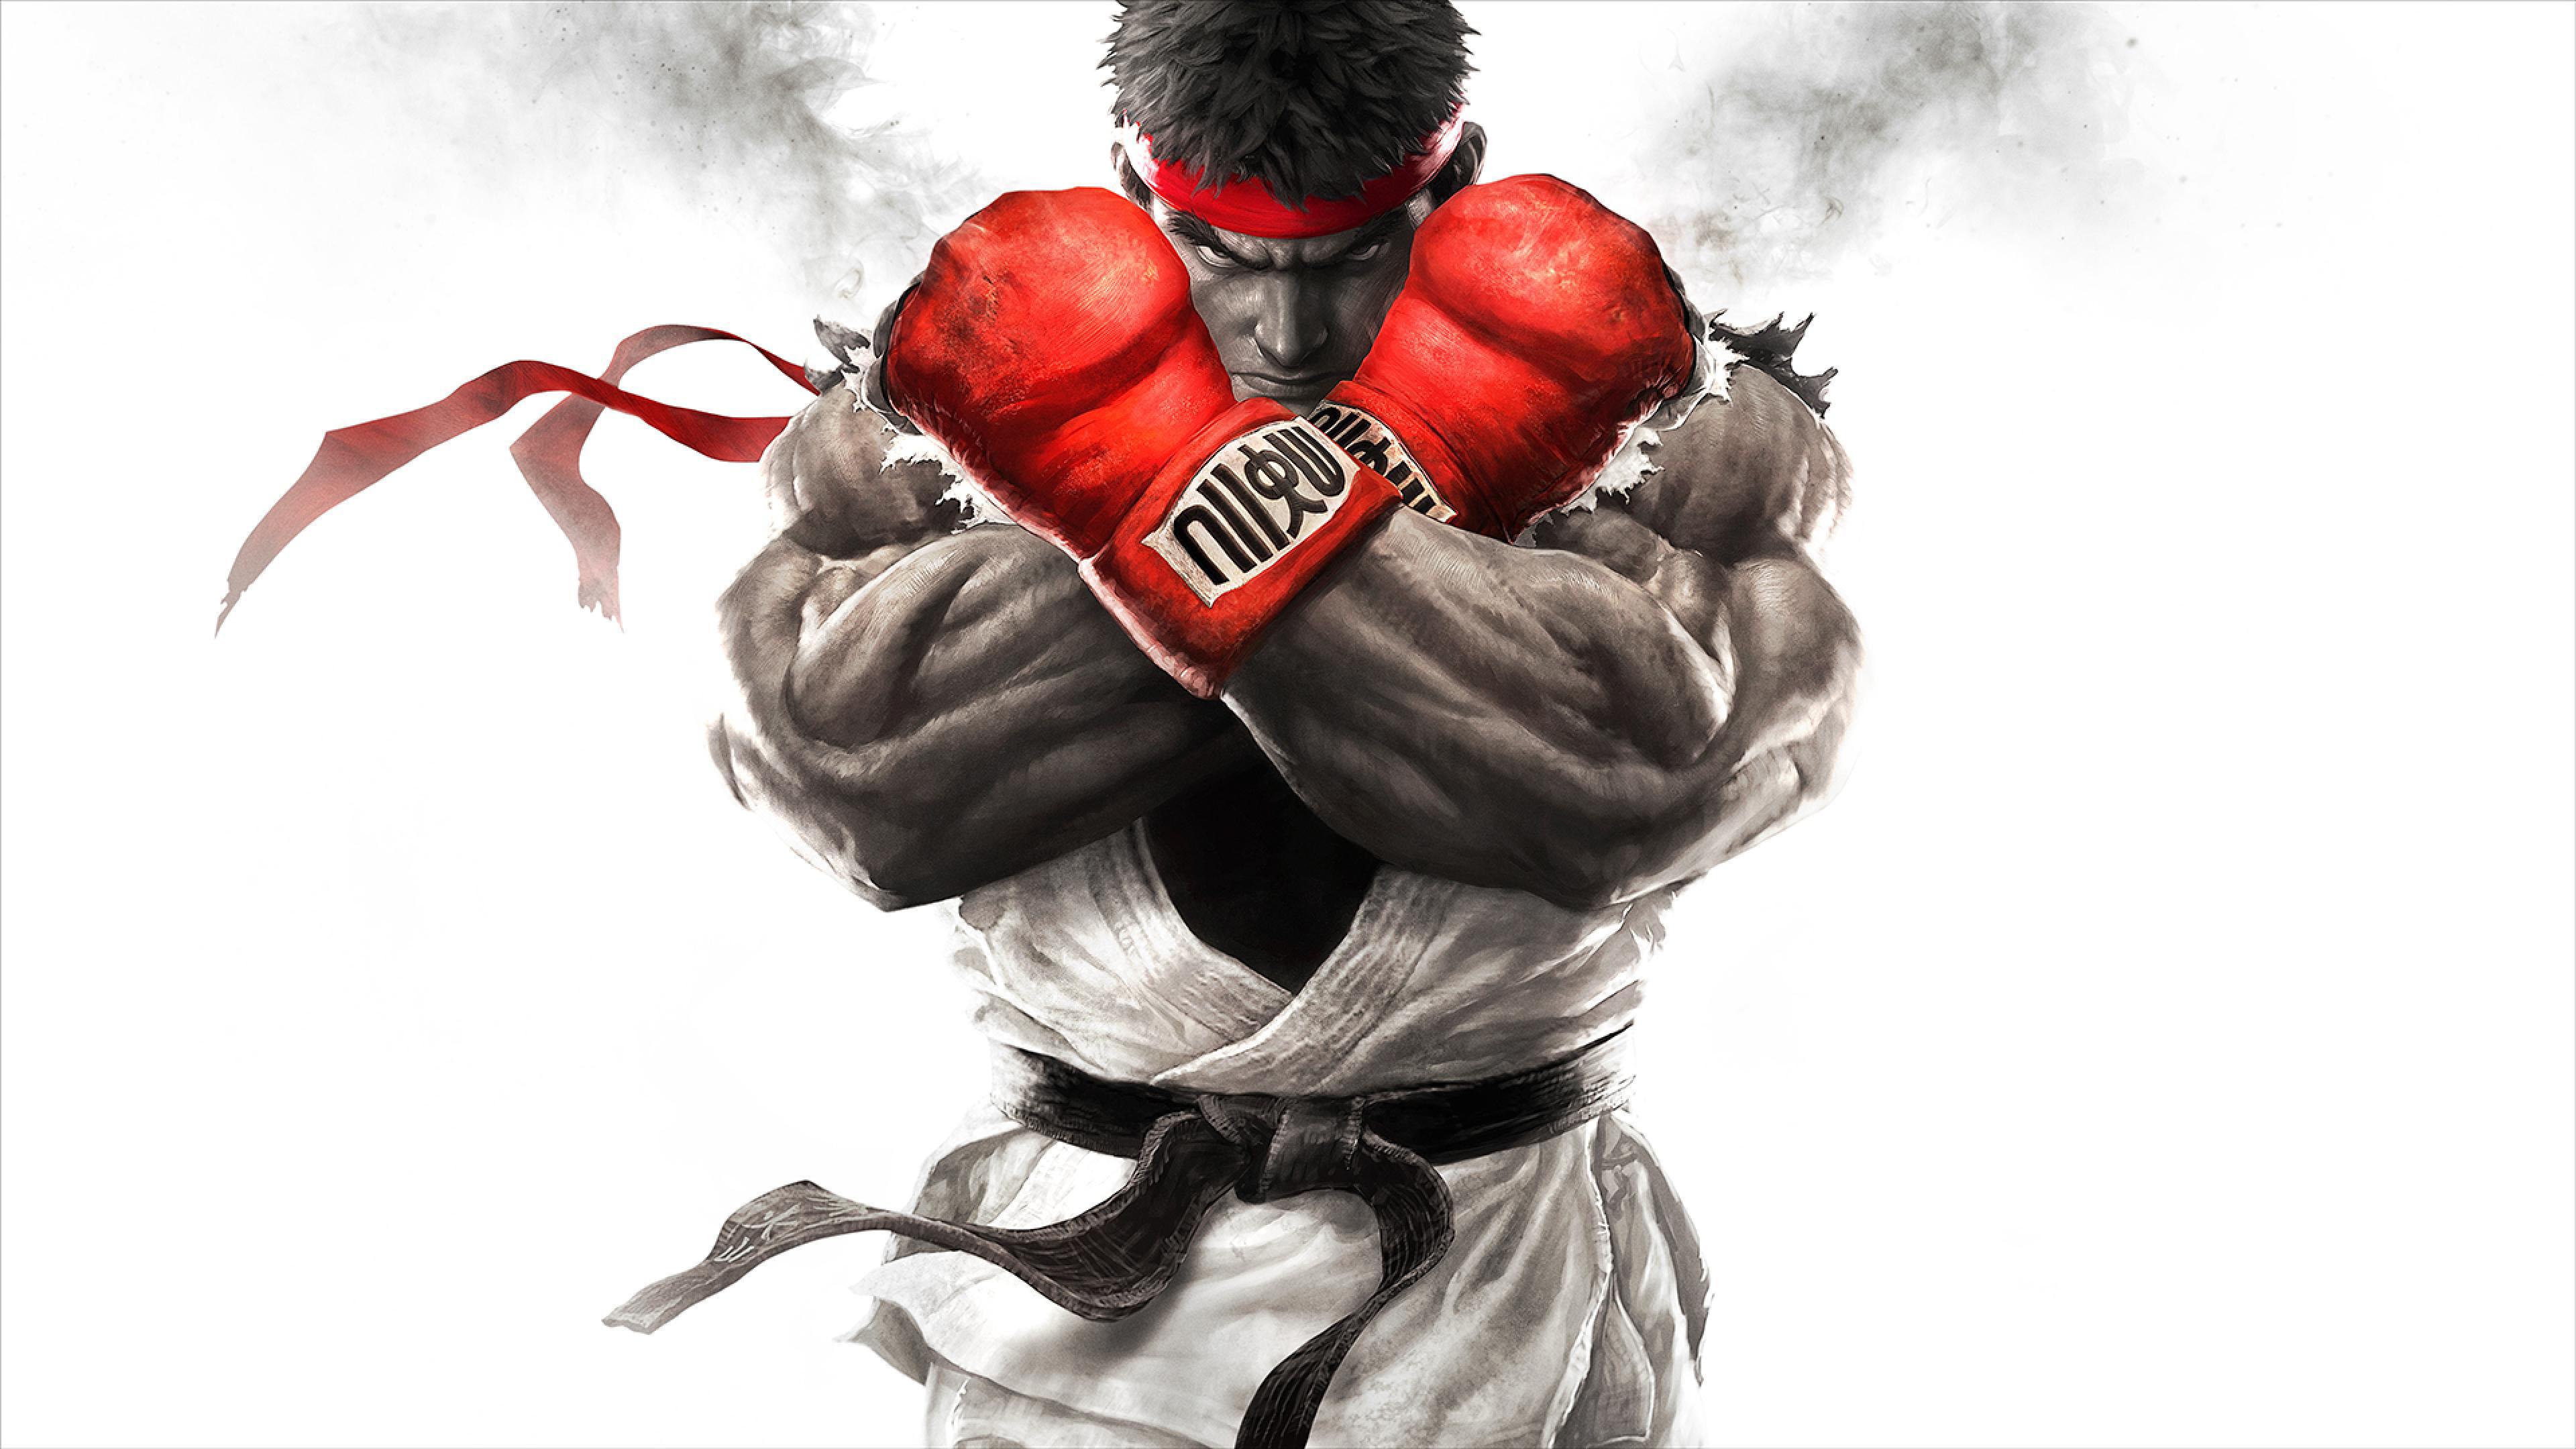 GAMECOIN - STREET FIGHTER V 1